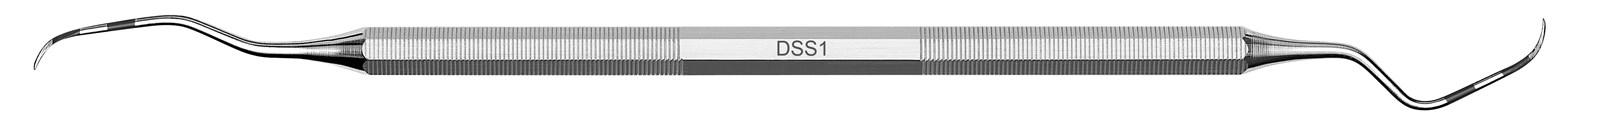 Kyreta Deppeler smart scaling (DSS) - DSS1, ADEP fialový